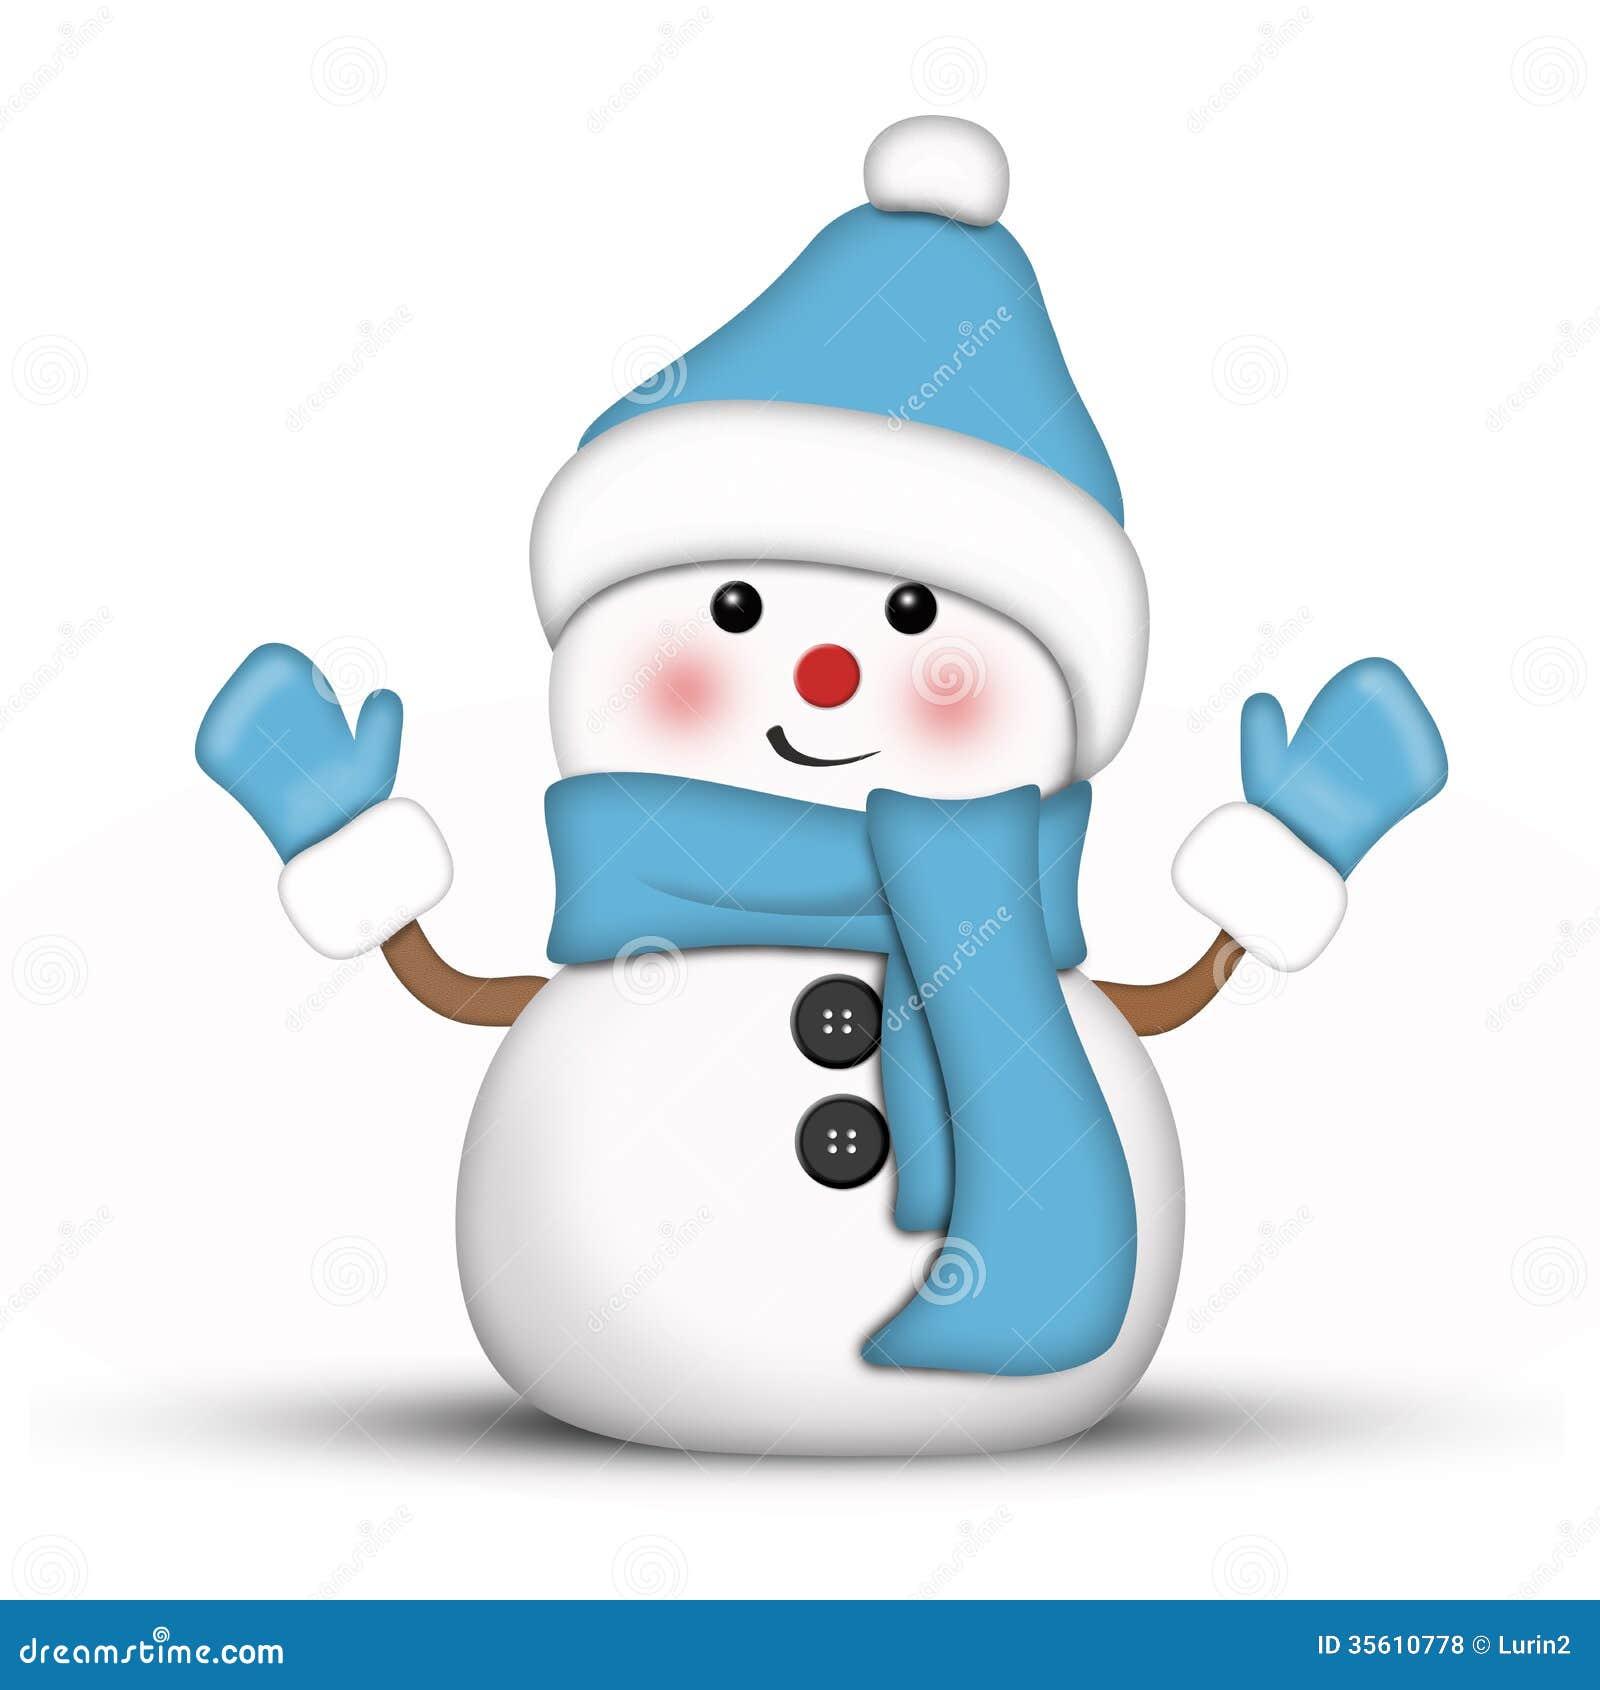 Blue Snowball Paint